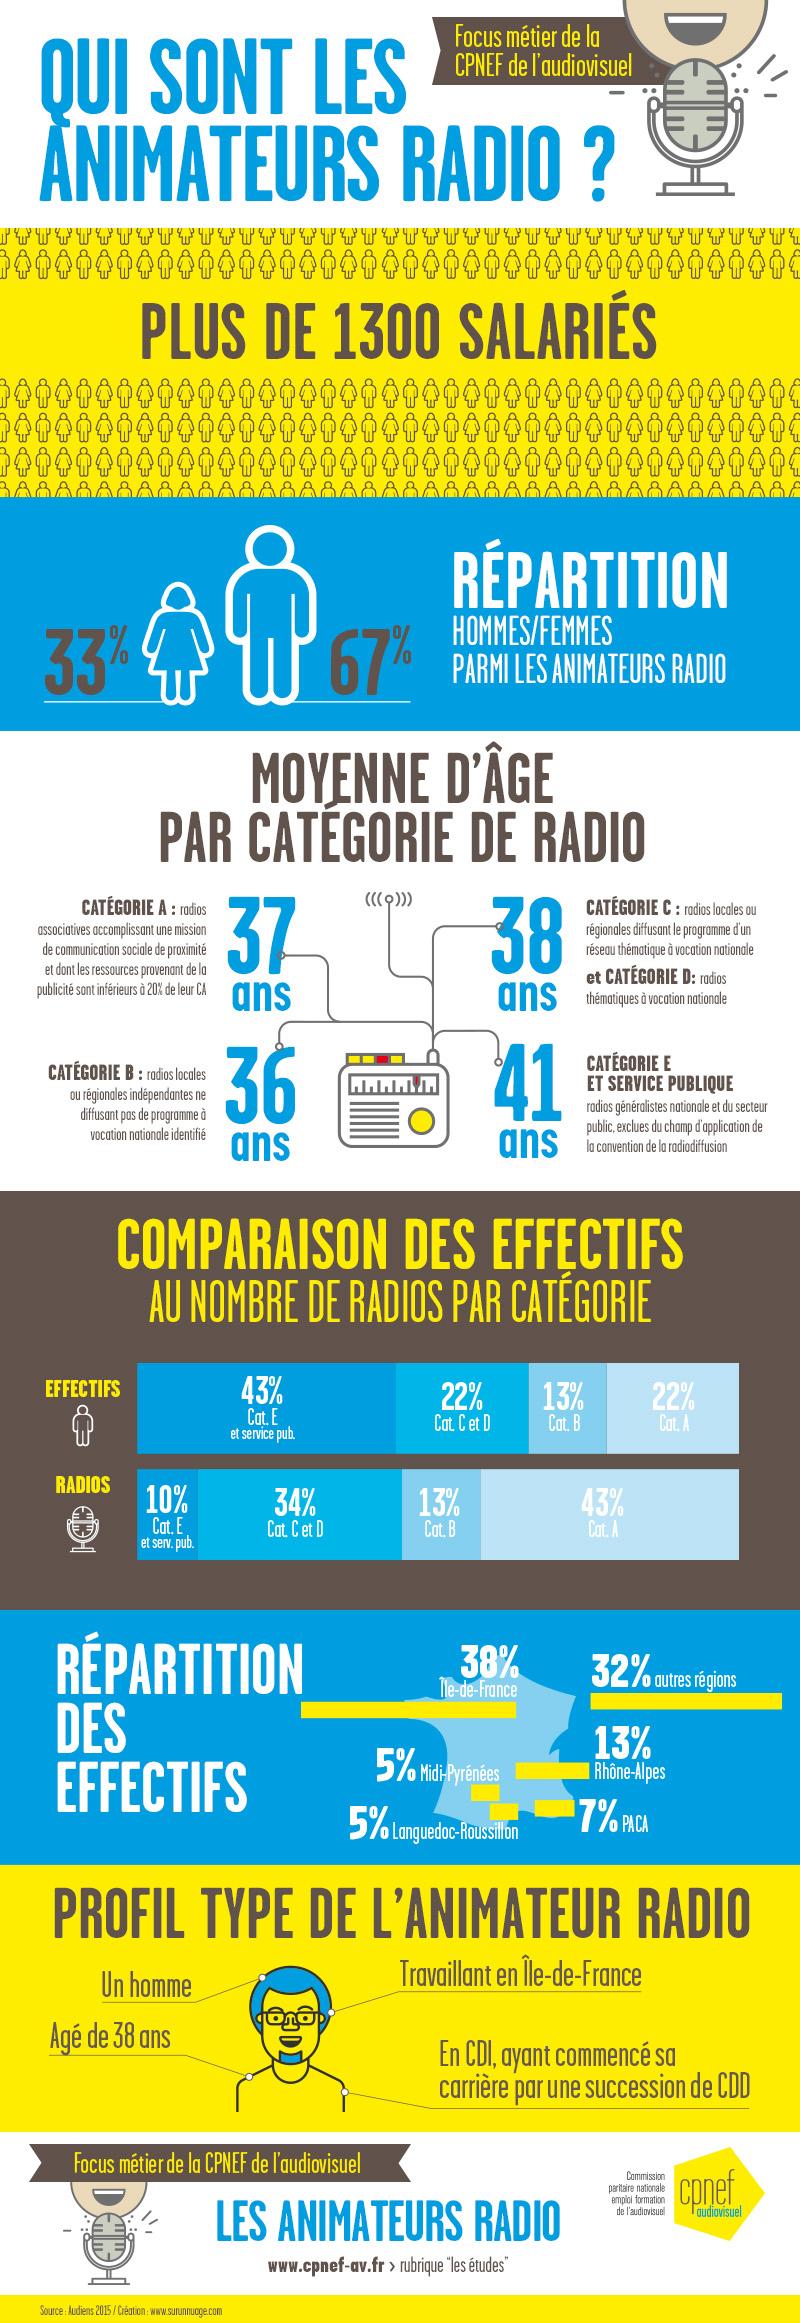 Qui sont les animateurs radio ?